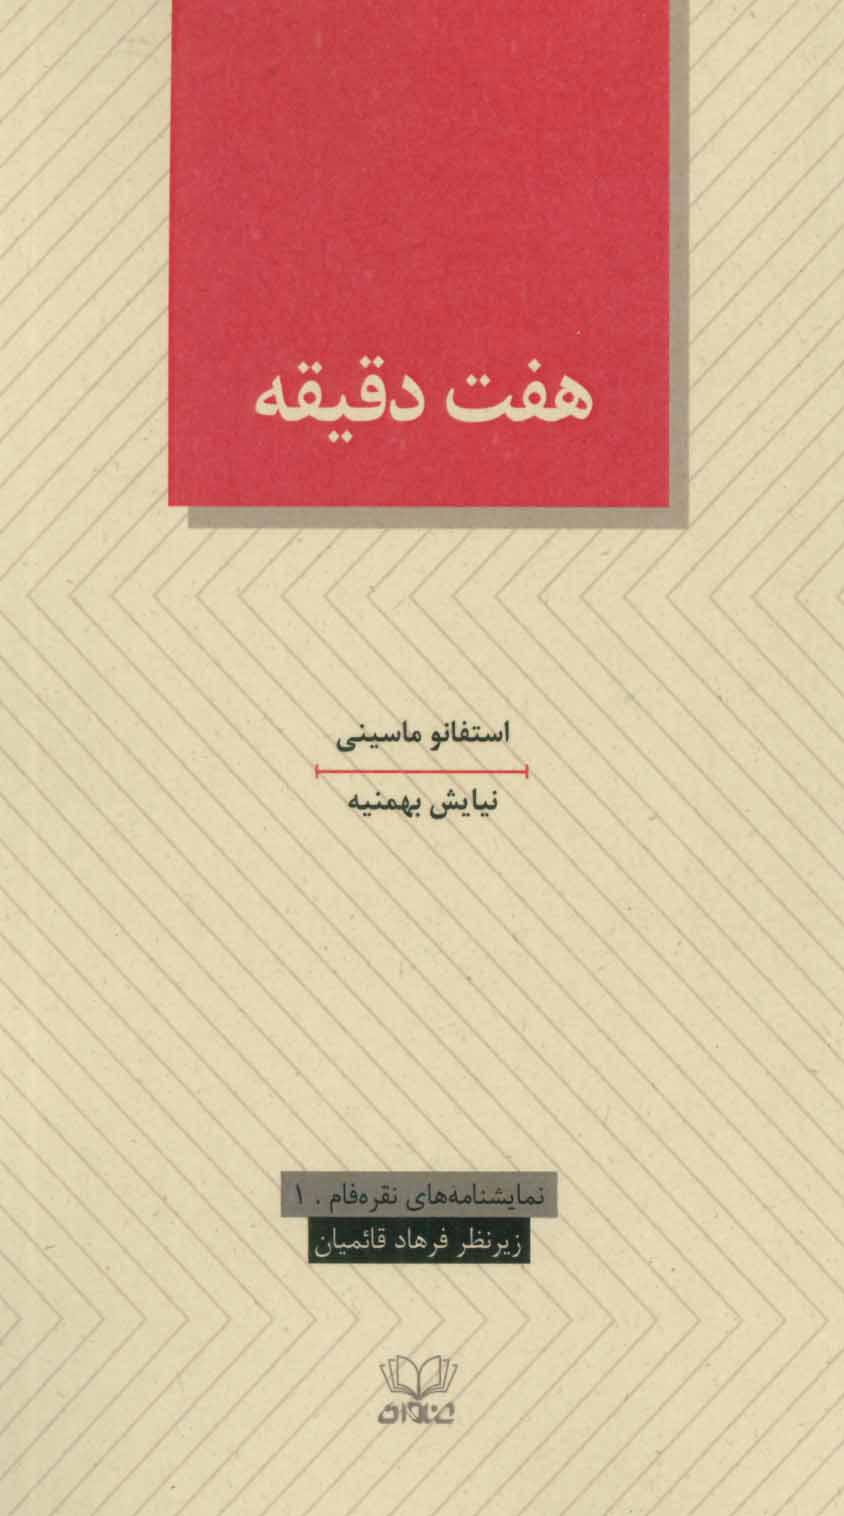 کتاب هفت دقیقه